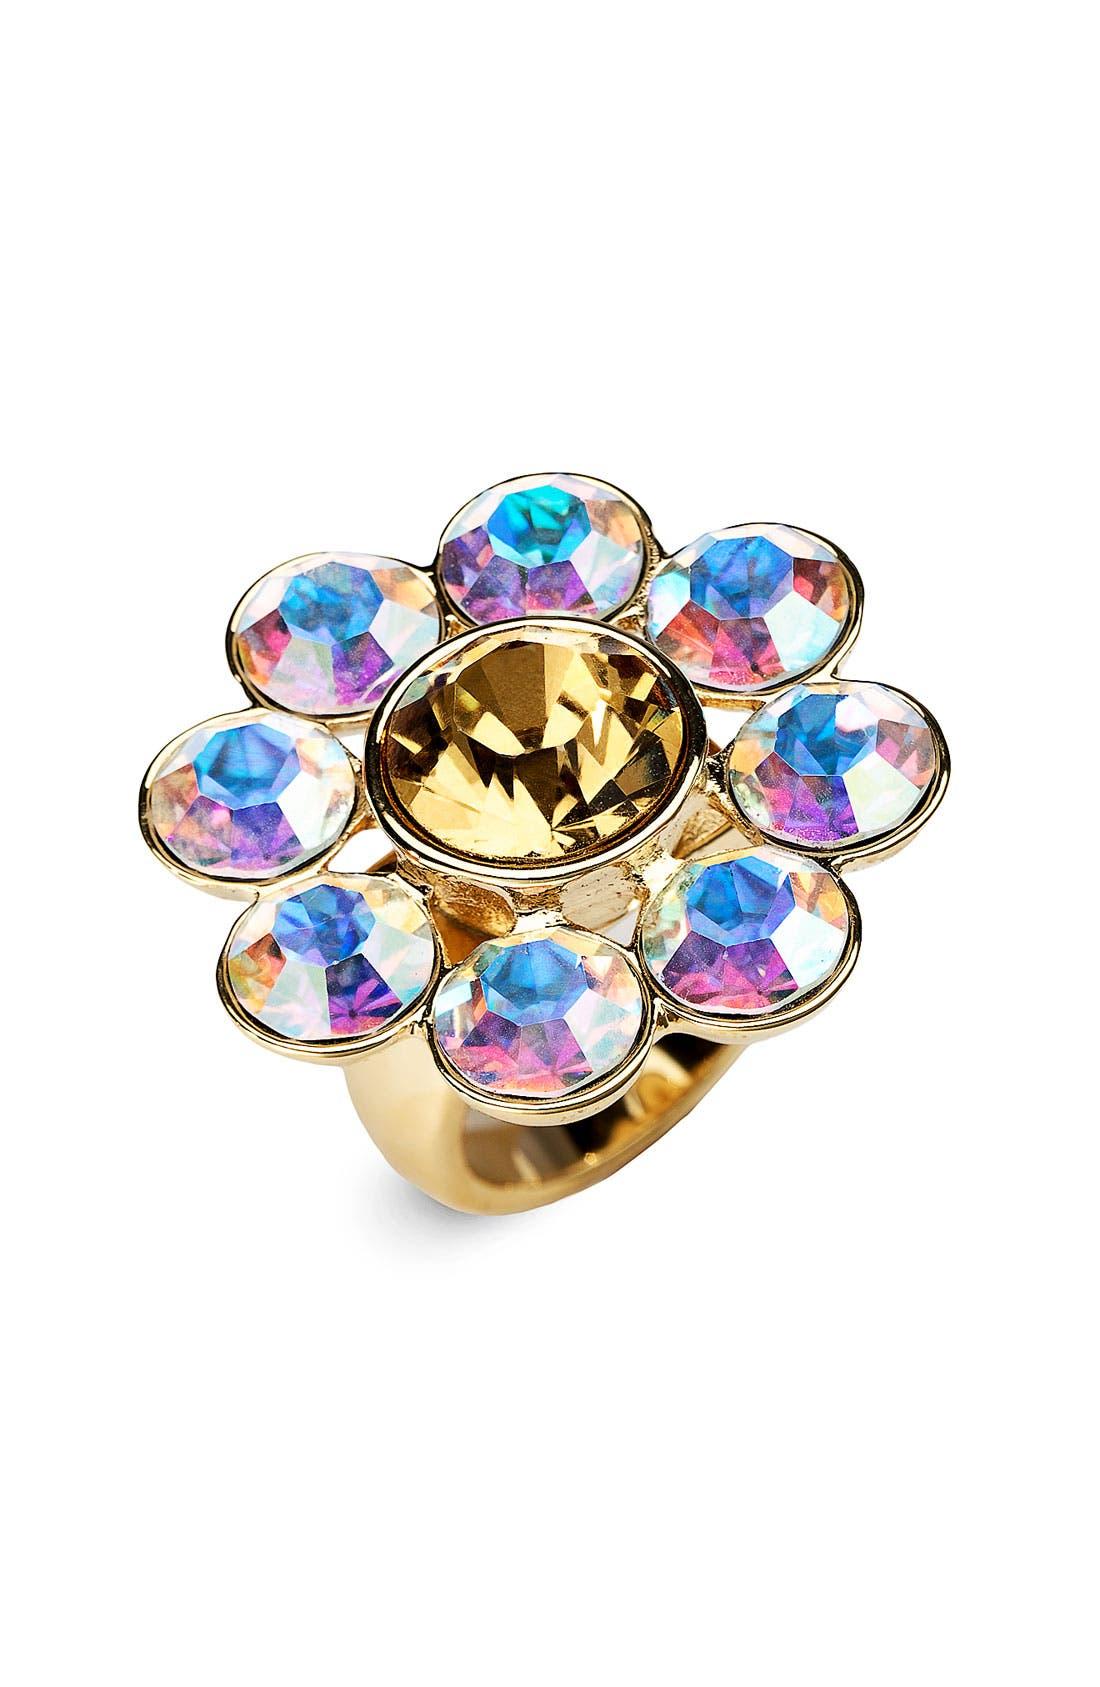 Main Image - kate spade new york 'trellis' crystal ring